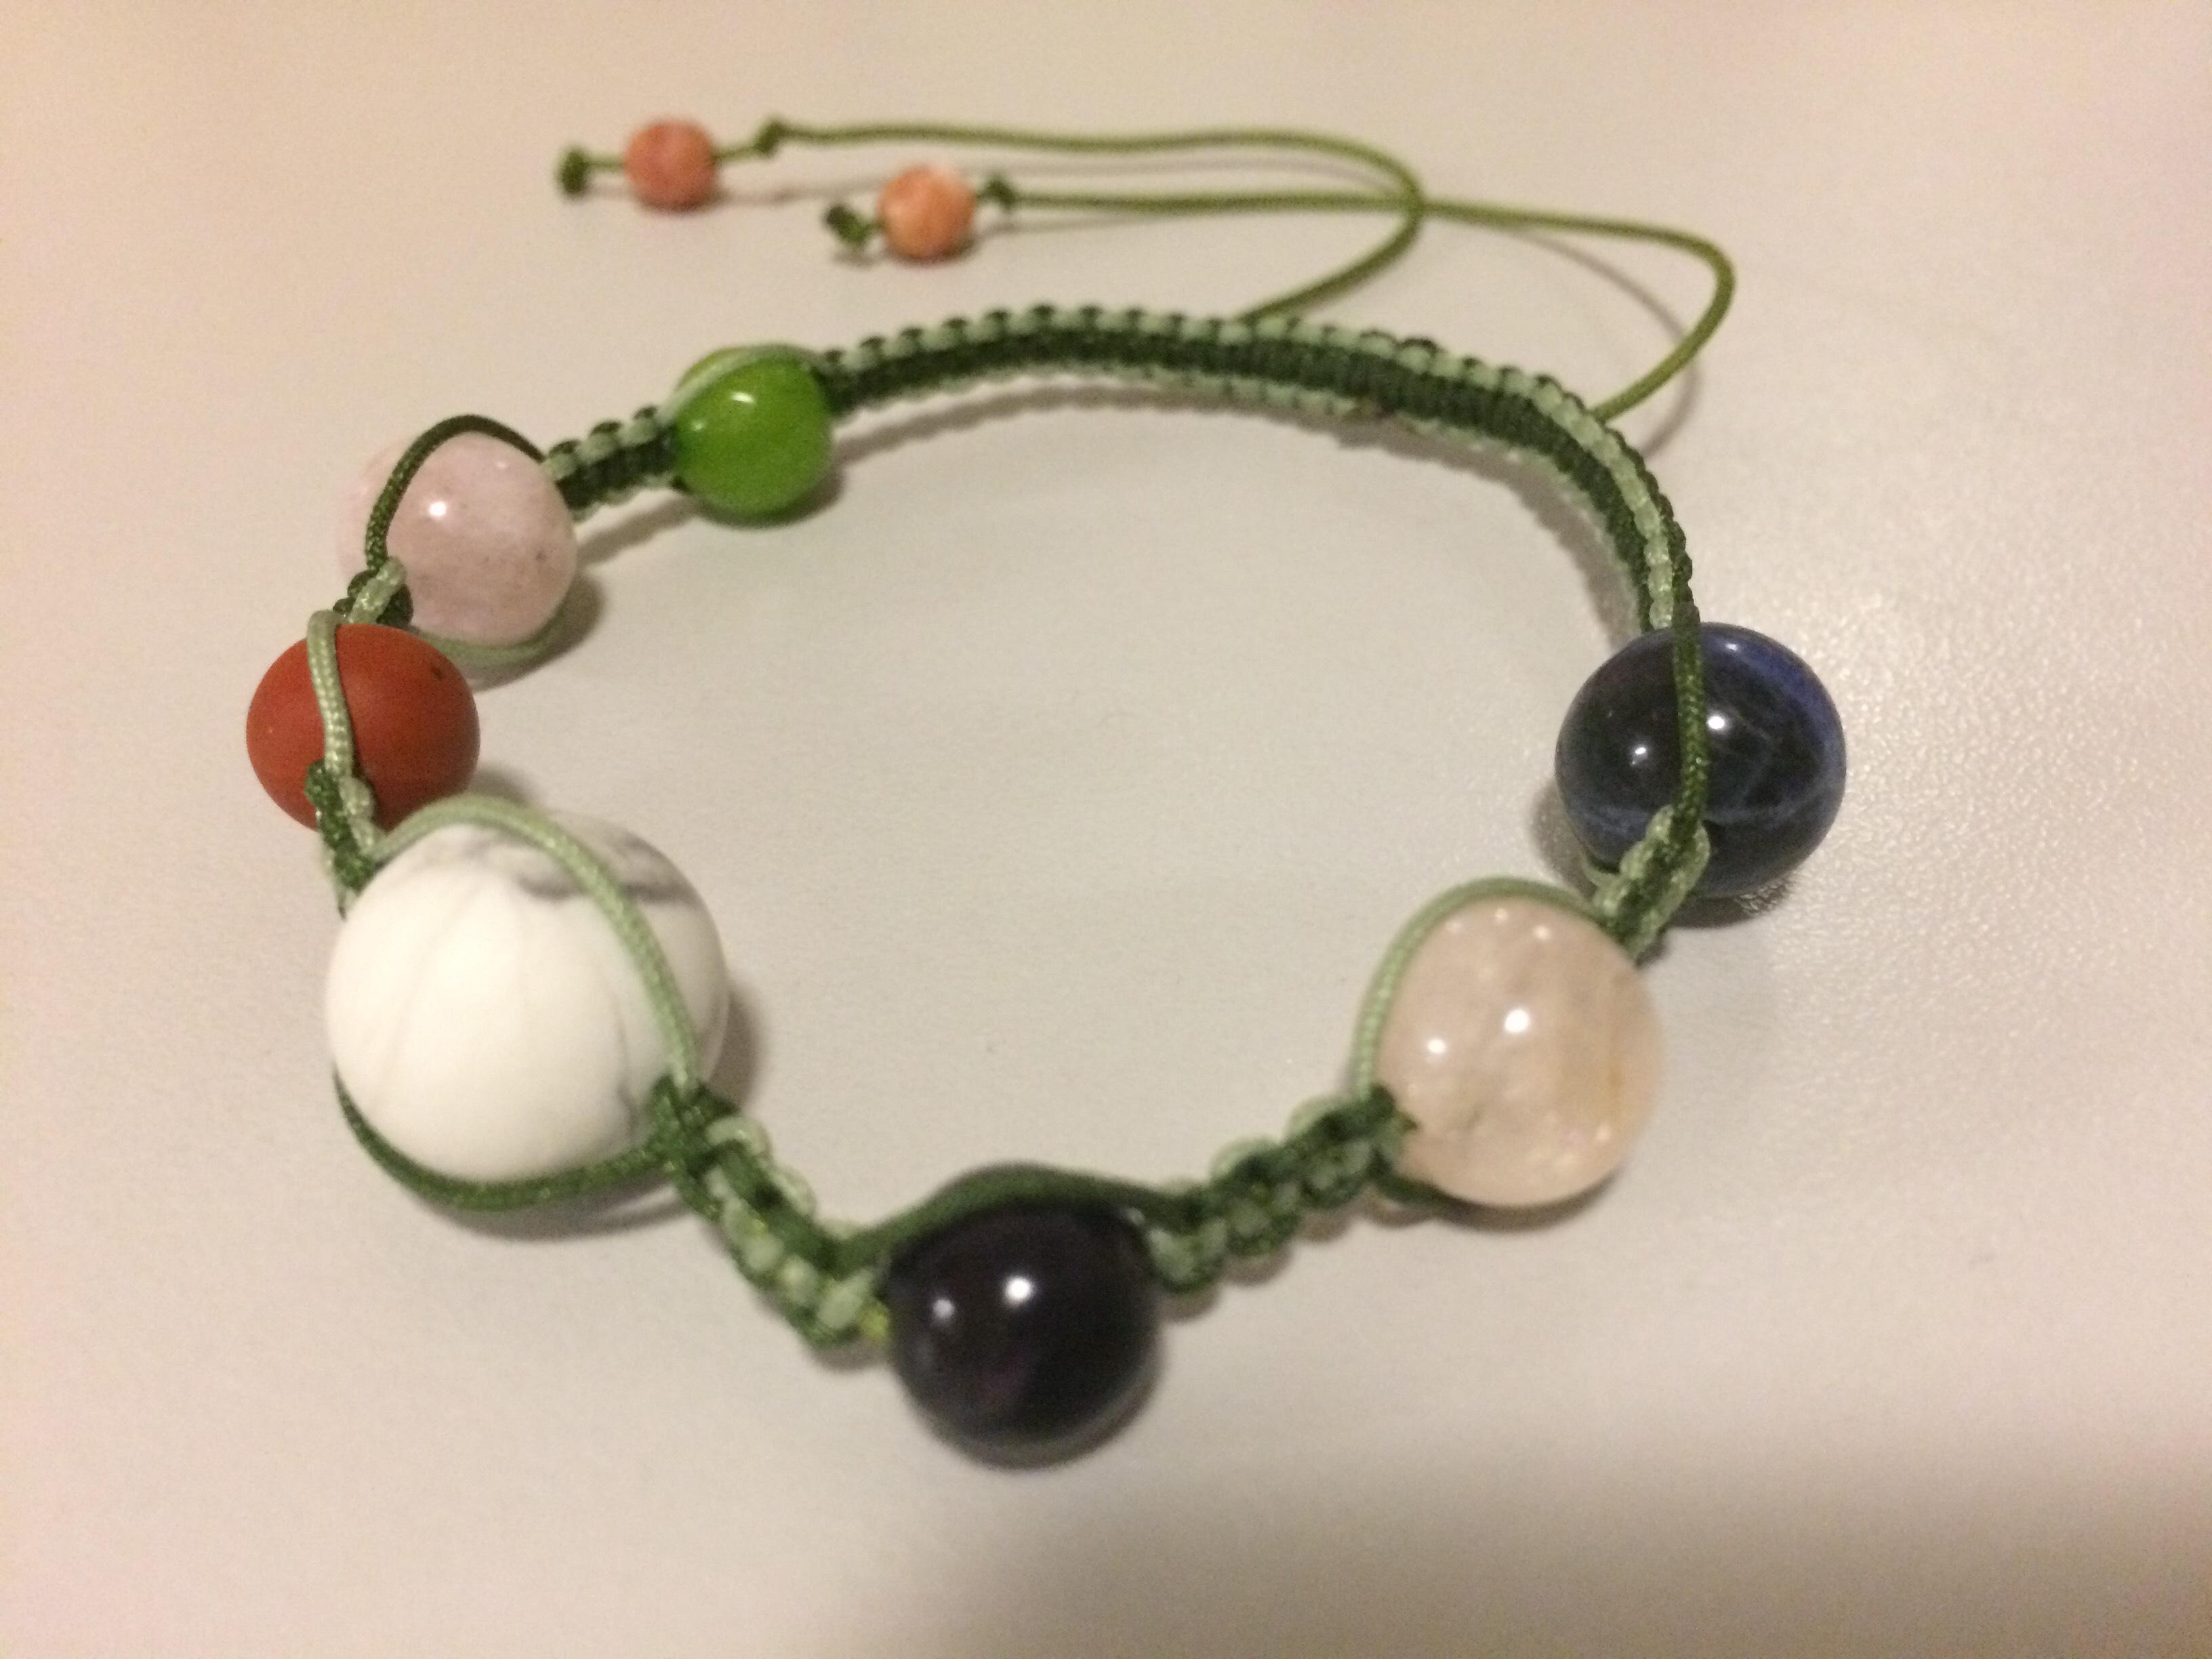 Macrame Bracelet - Sodalite, Morganite, Amethyst, Matte Howlite, Jasper, Dyed Jade, Czech Firepolish Beads, Nylon Thread